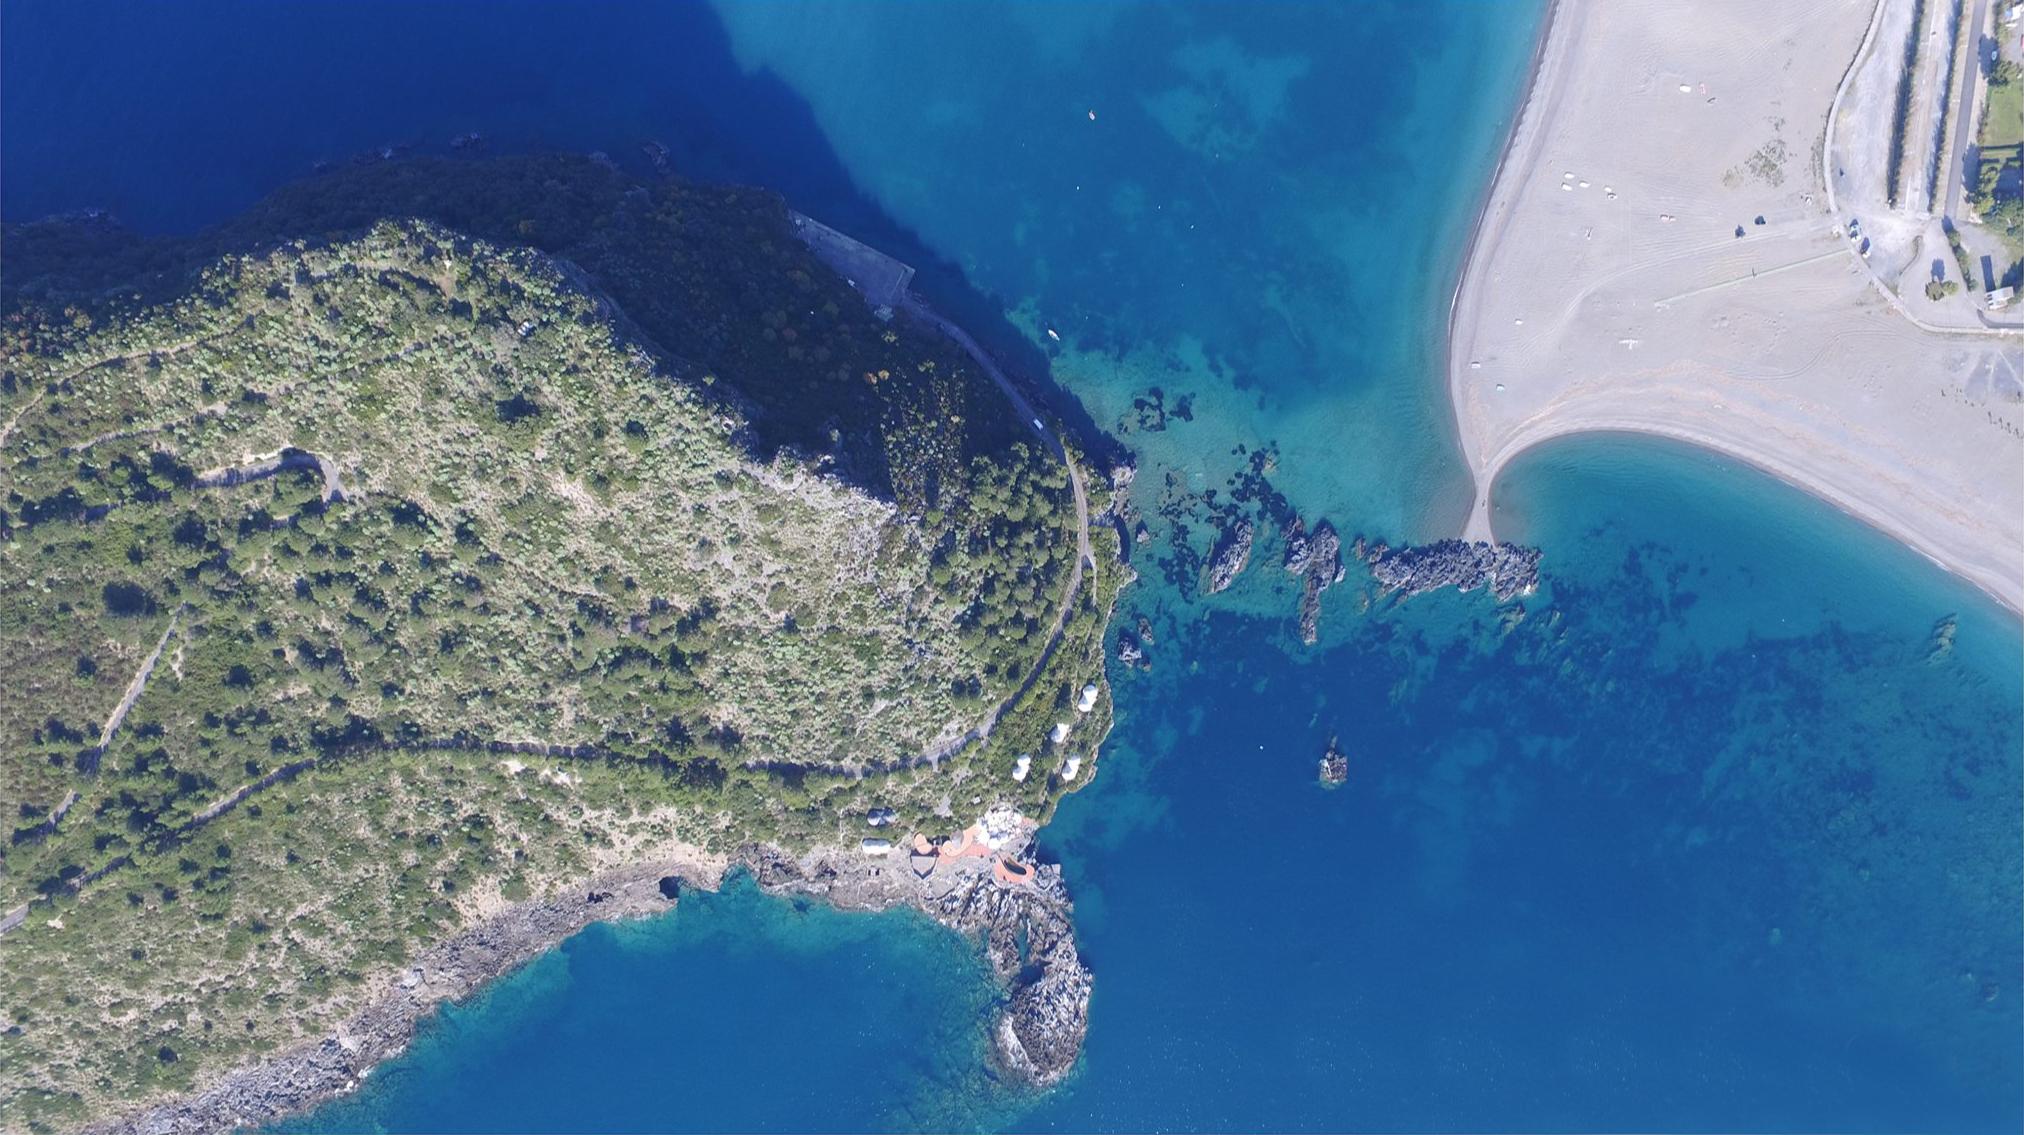 Isola di Dino - Capo da Rena